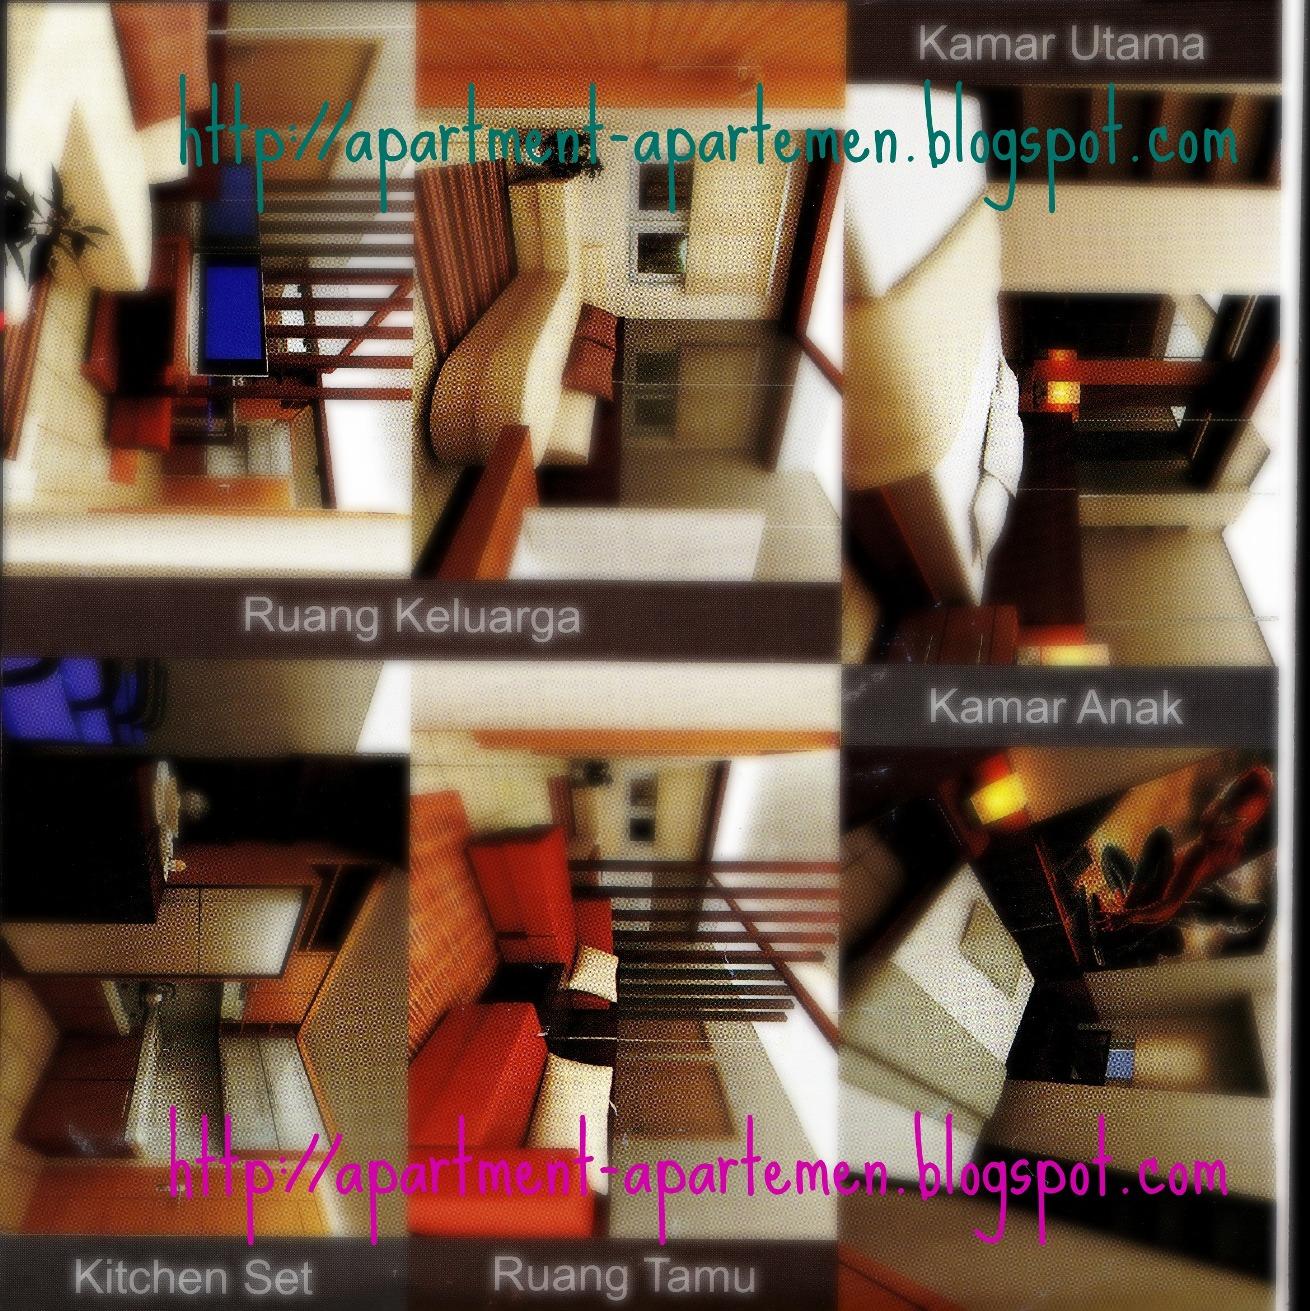 Kamar Tidur Apartemen Gateway Show Unit 1 Apartemen Show Unit 2